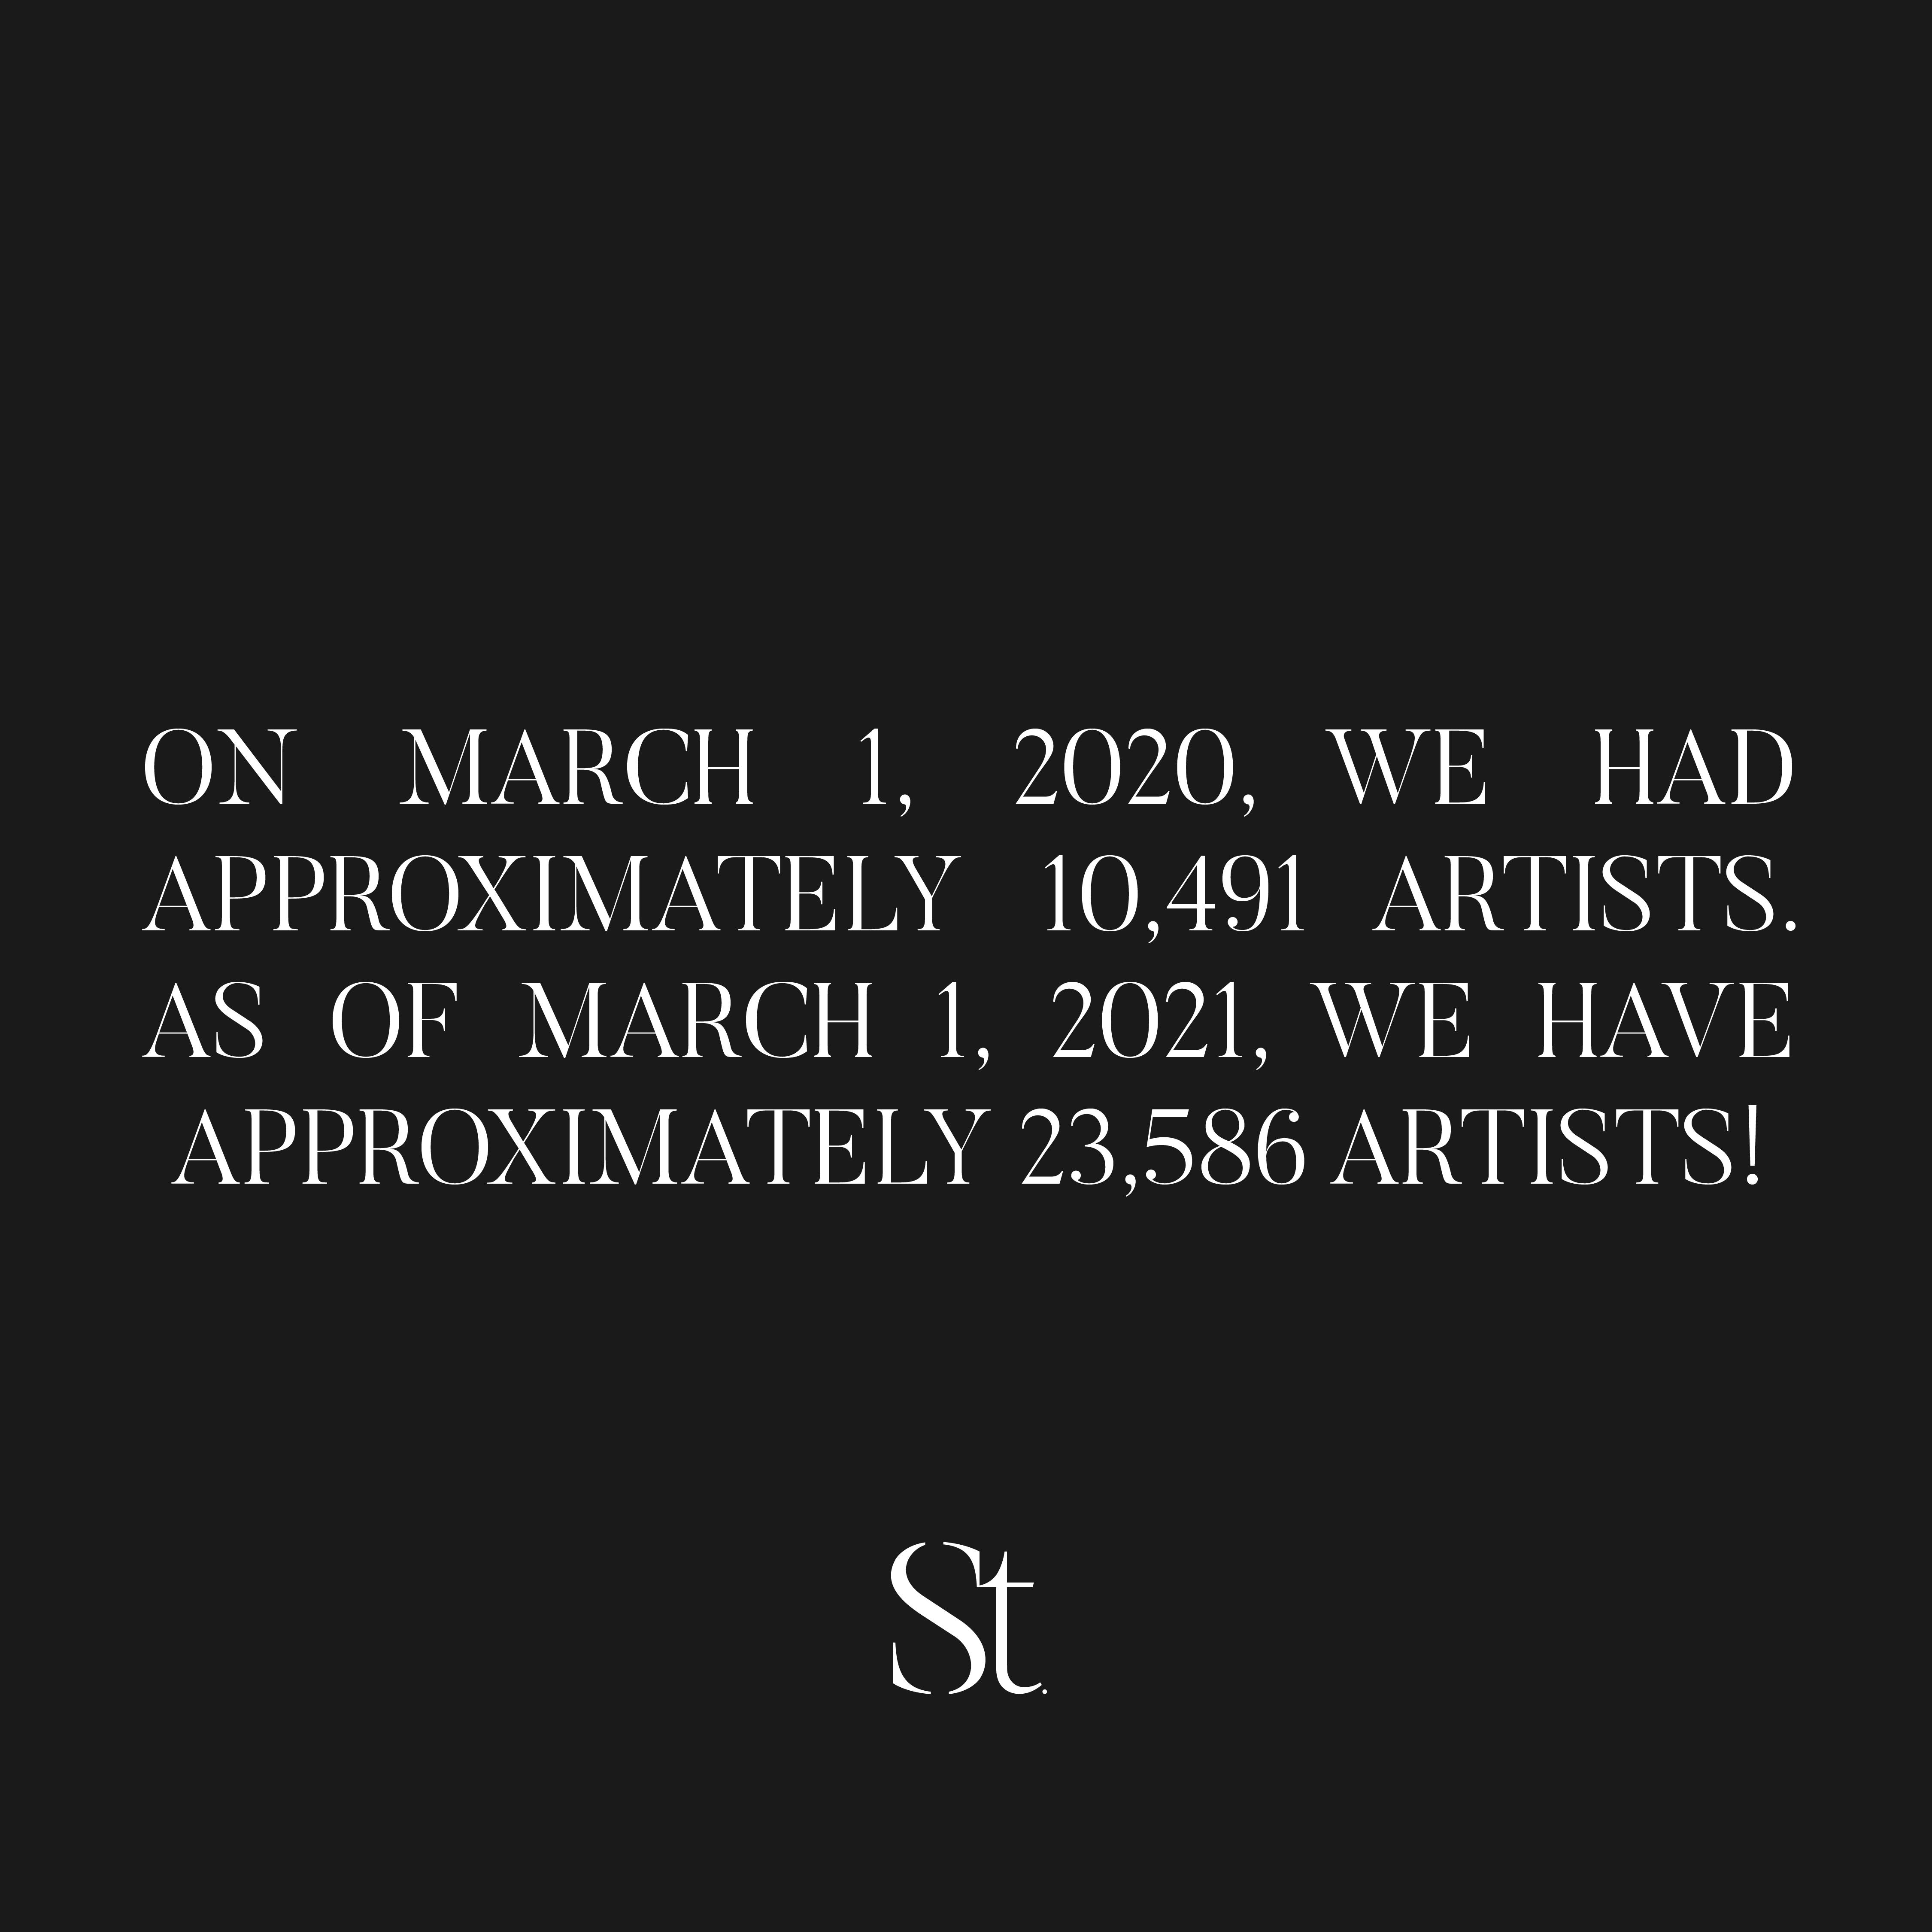 ArtistStats-01